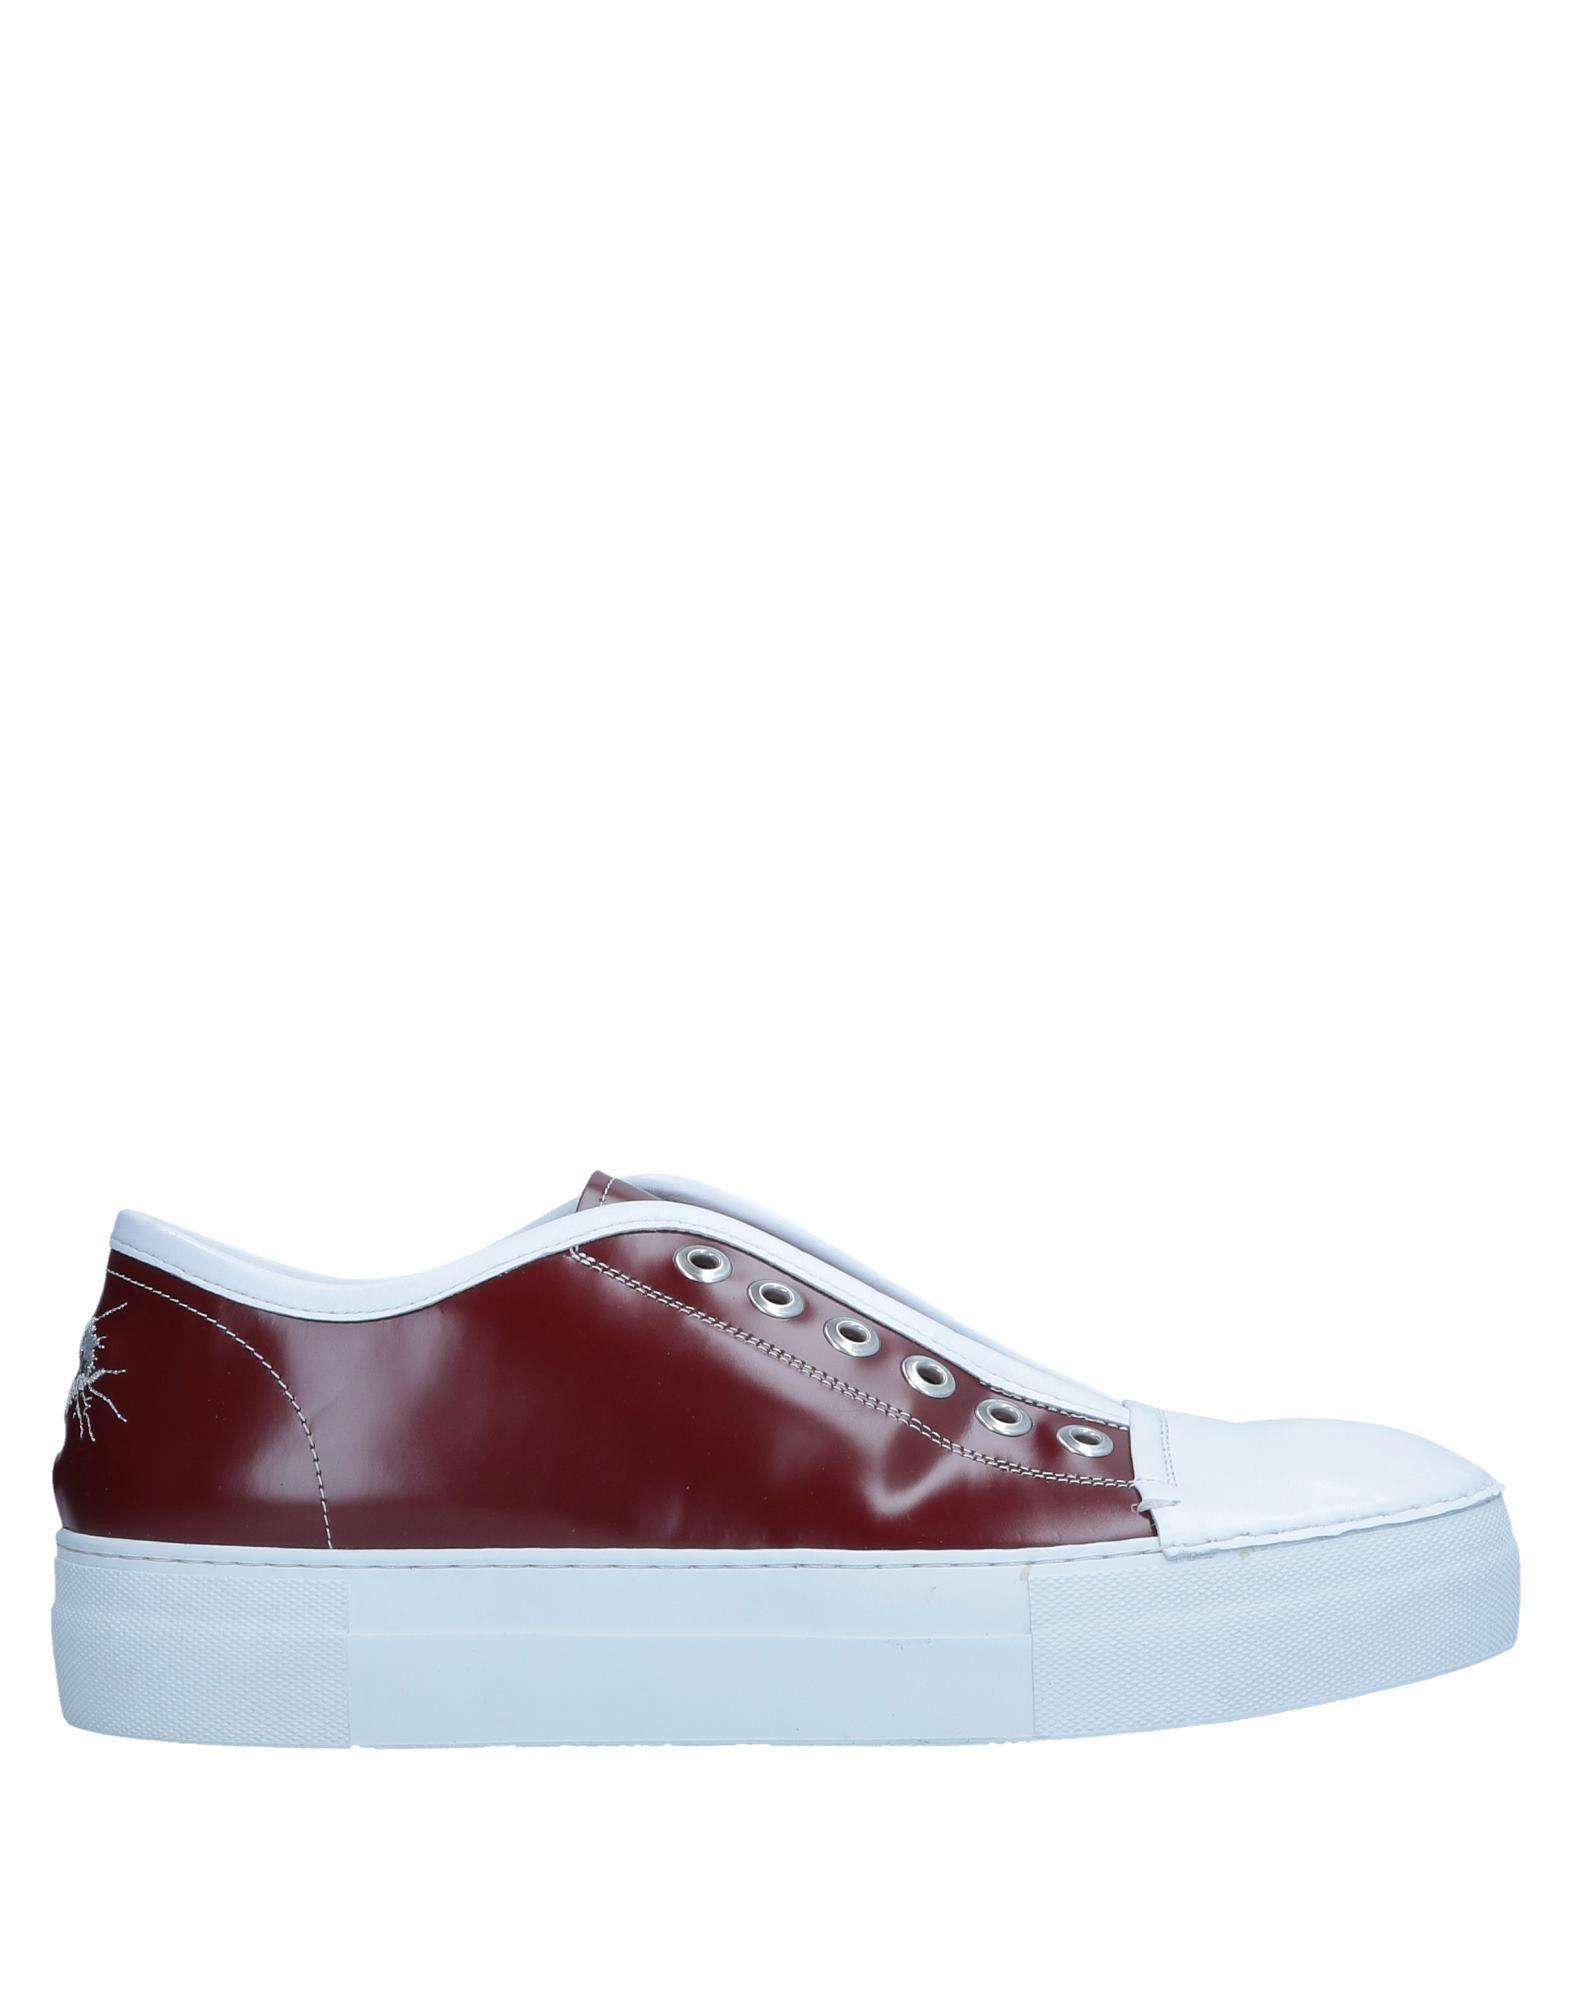 Rocco 11553802ND P. Sneakers Herren  11553802ND Rocco Gute Qualität beliebte Schuhe 14af13